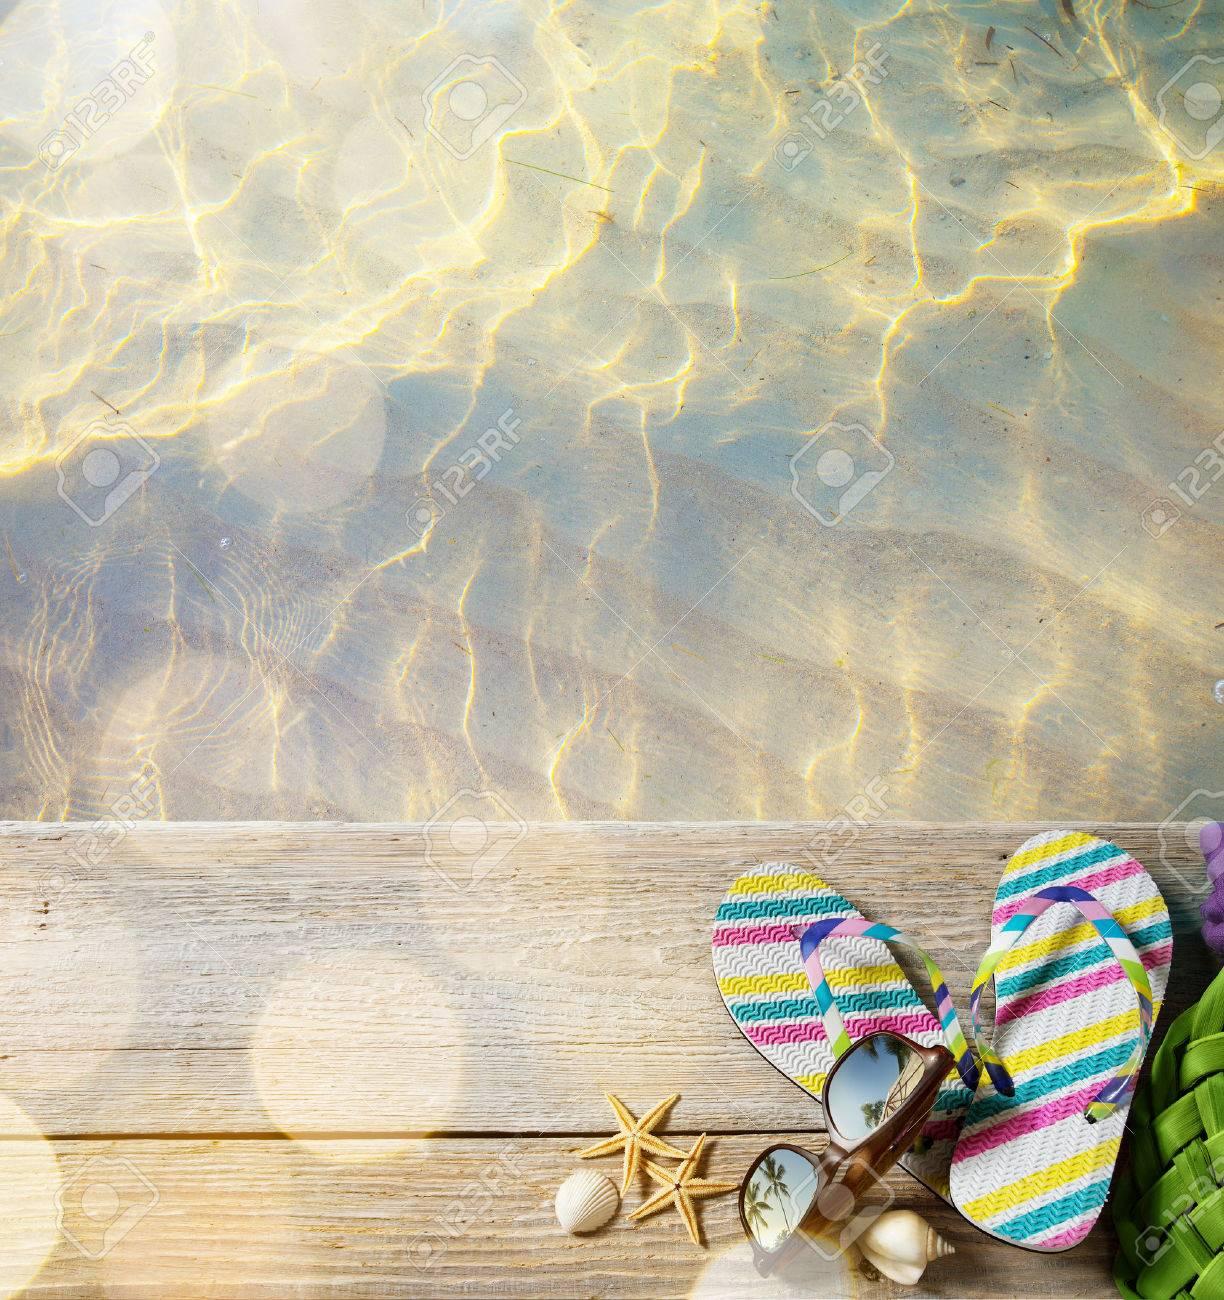 ar beach summer;  beach accessories Stock Photo - 40913477